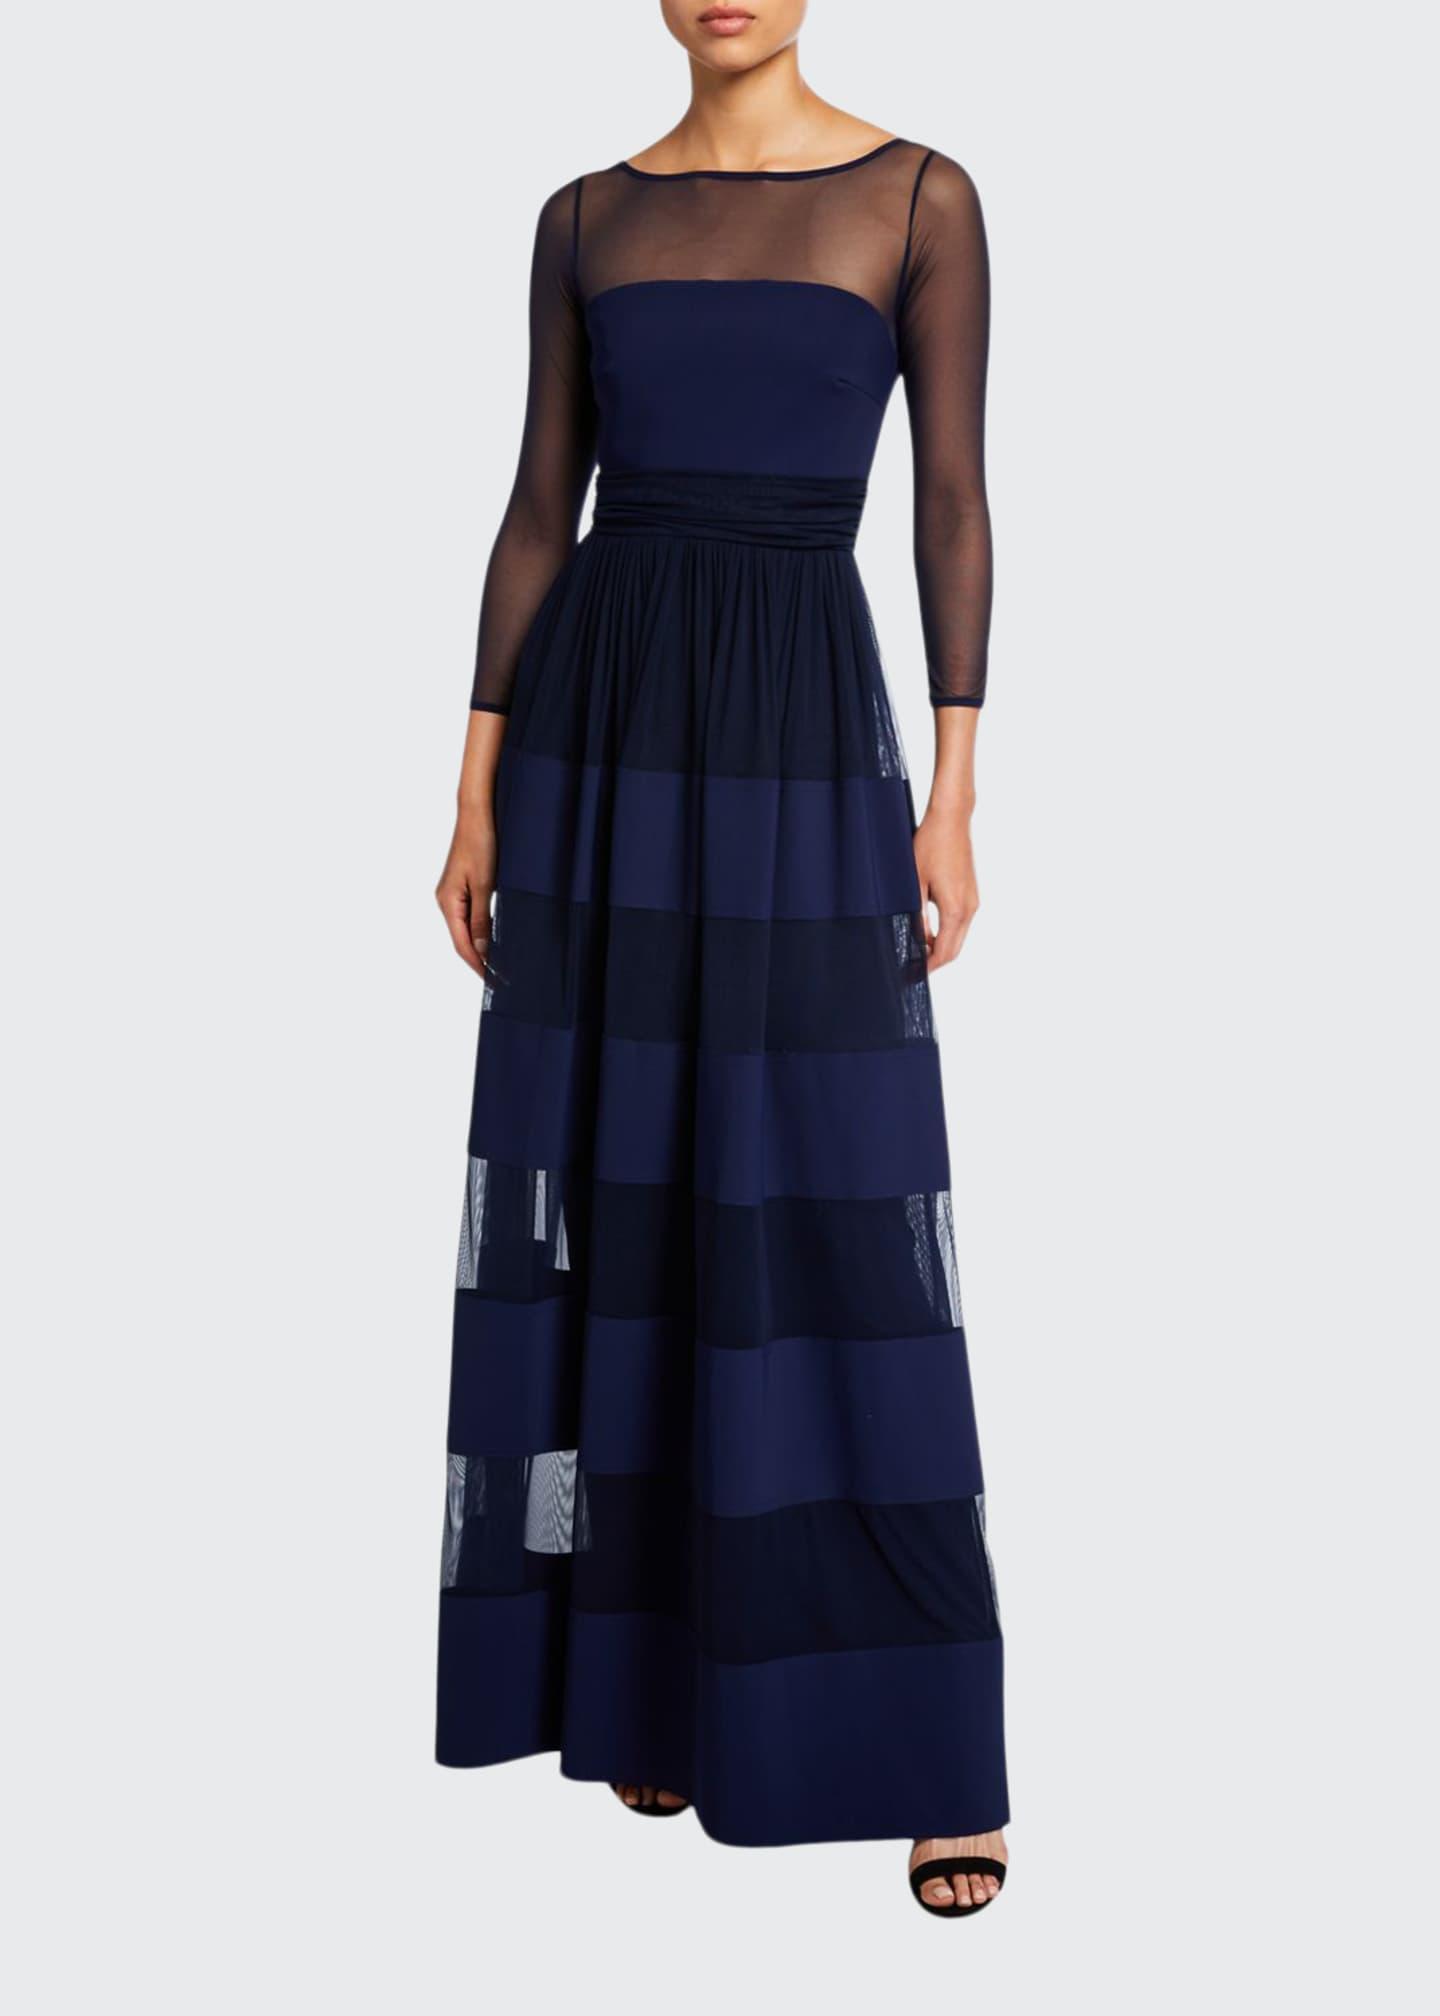 Chiara Boni La Petite Robe Bateau-Neck Long-Sleeve Sheer-Yoke